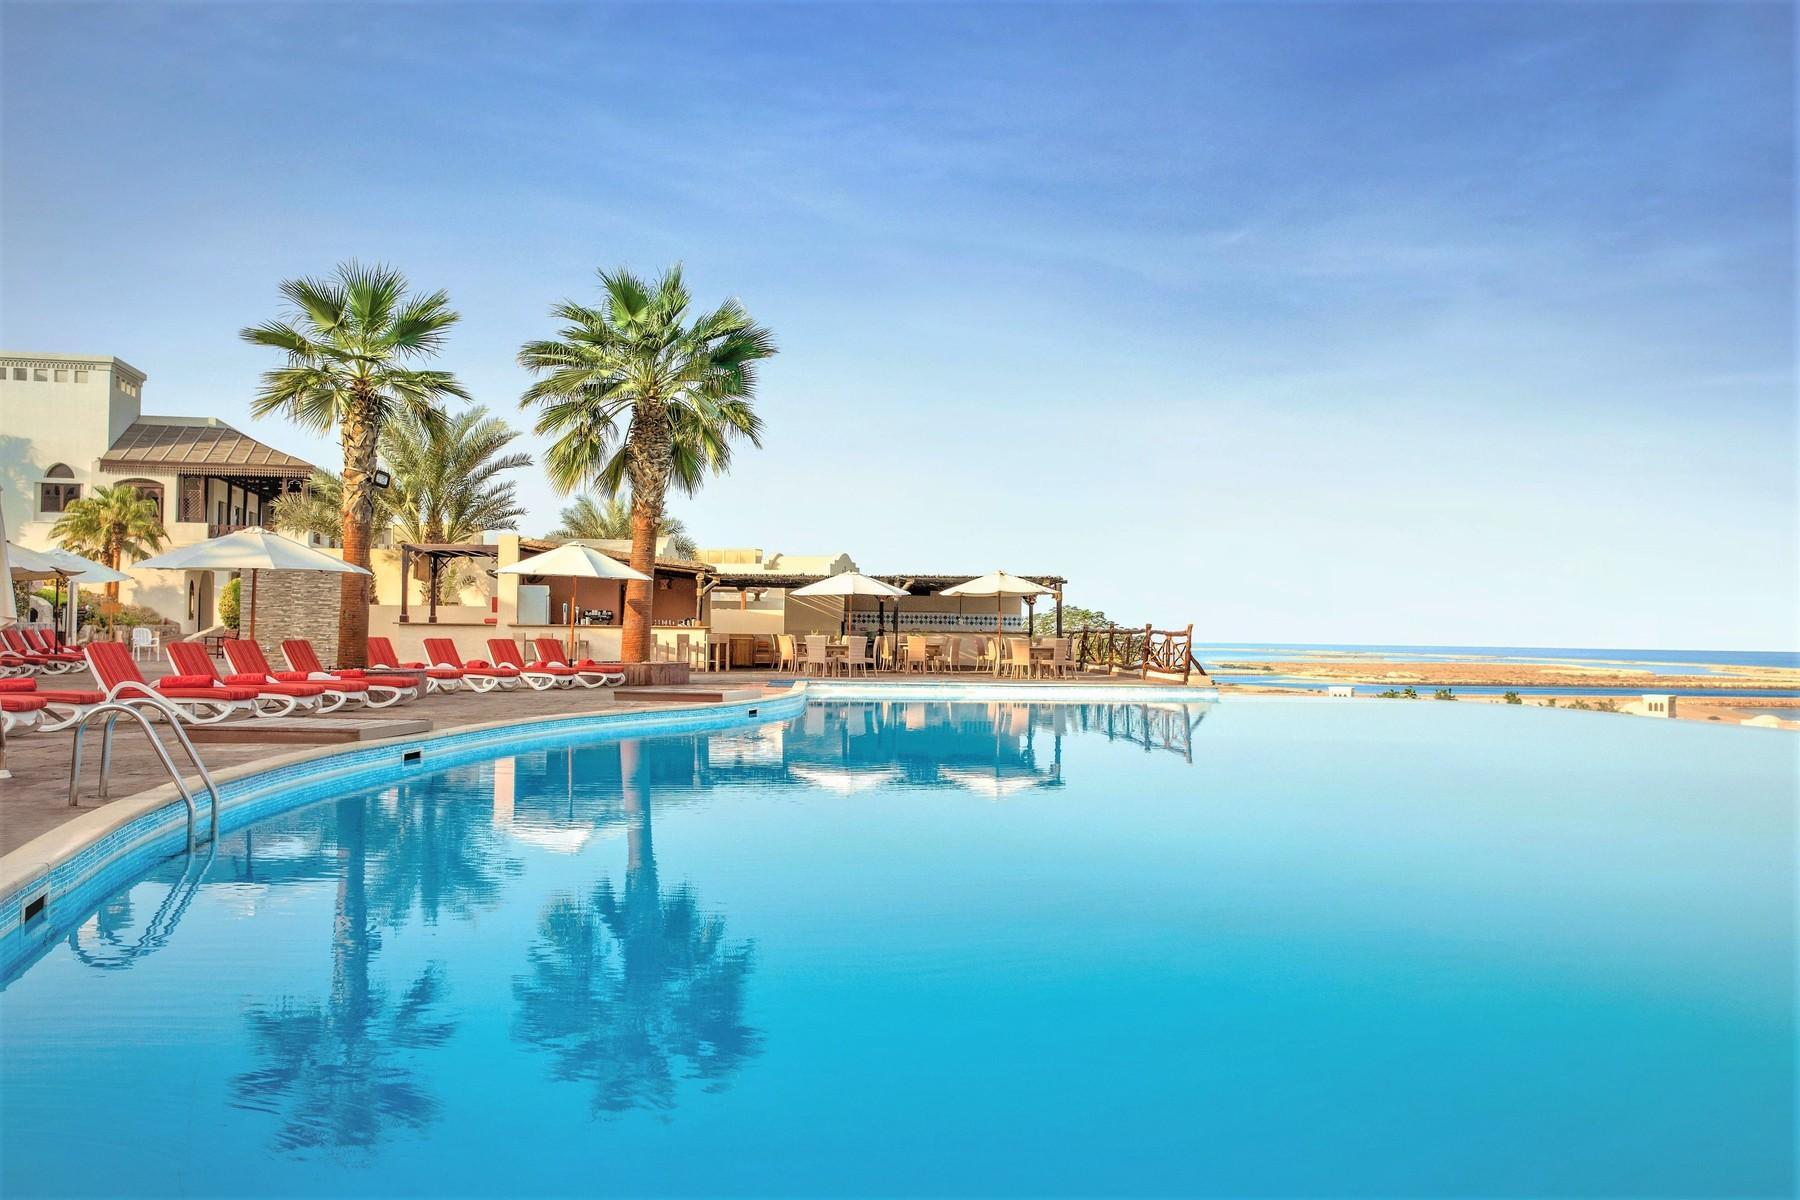 Результат изображения для The Cove Rotana Resort